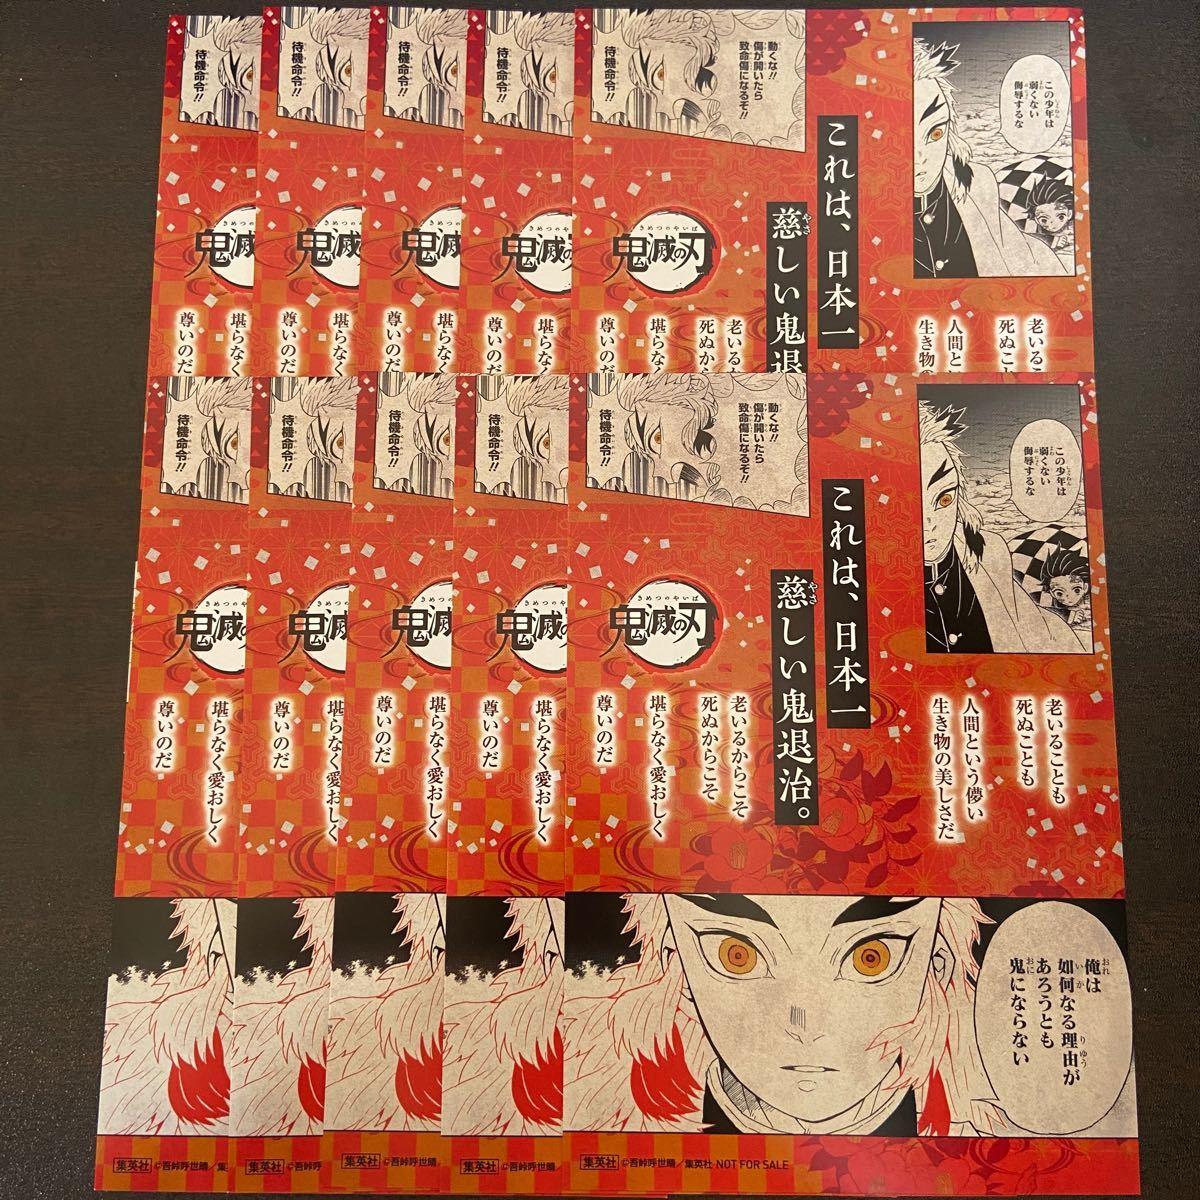 鬼滅の刃 18巻限定特典 煉獄杏寿郎 ポストカード 10枚セット